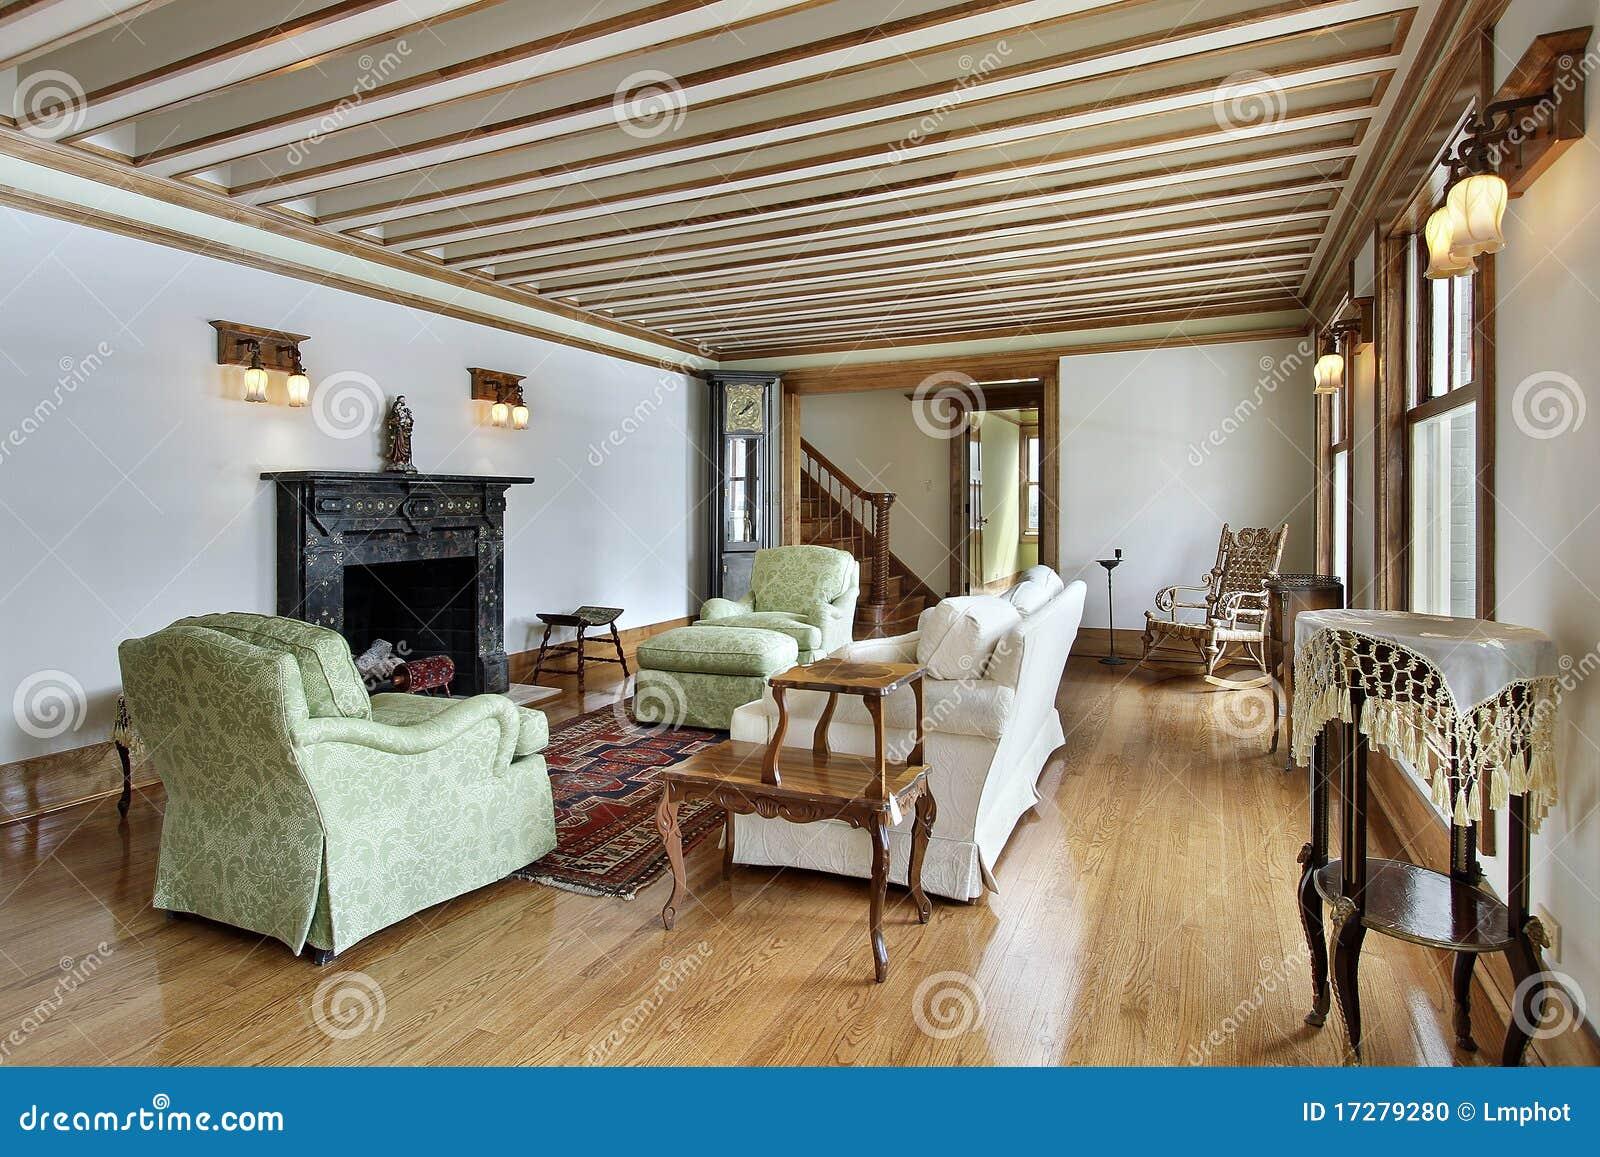 Wohnzimmer Mit Holz Getrimmter Decke Stockfoto